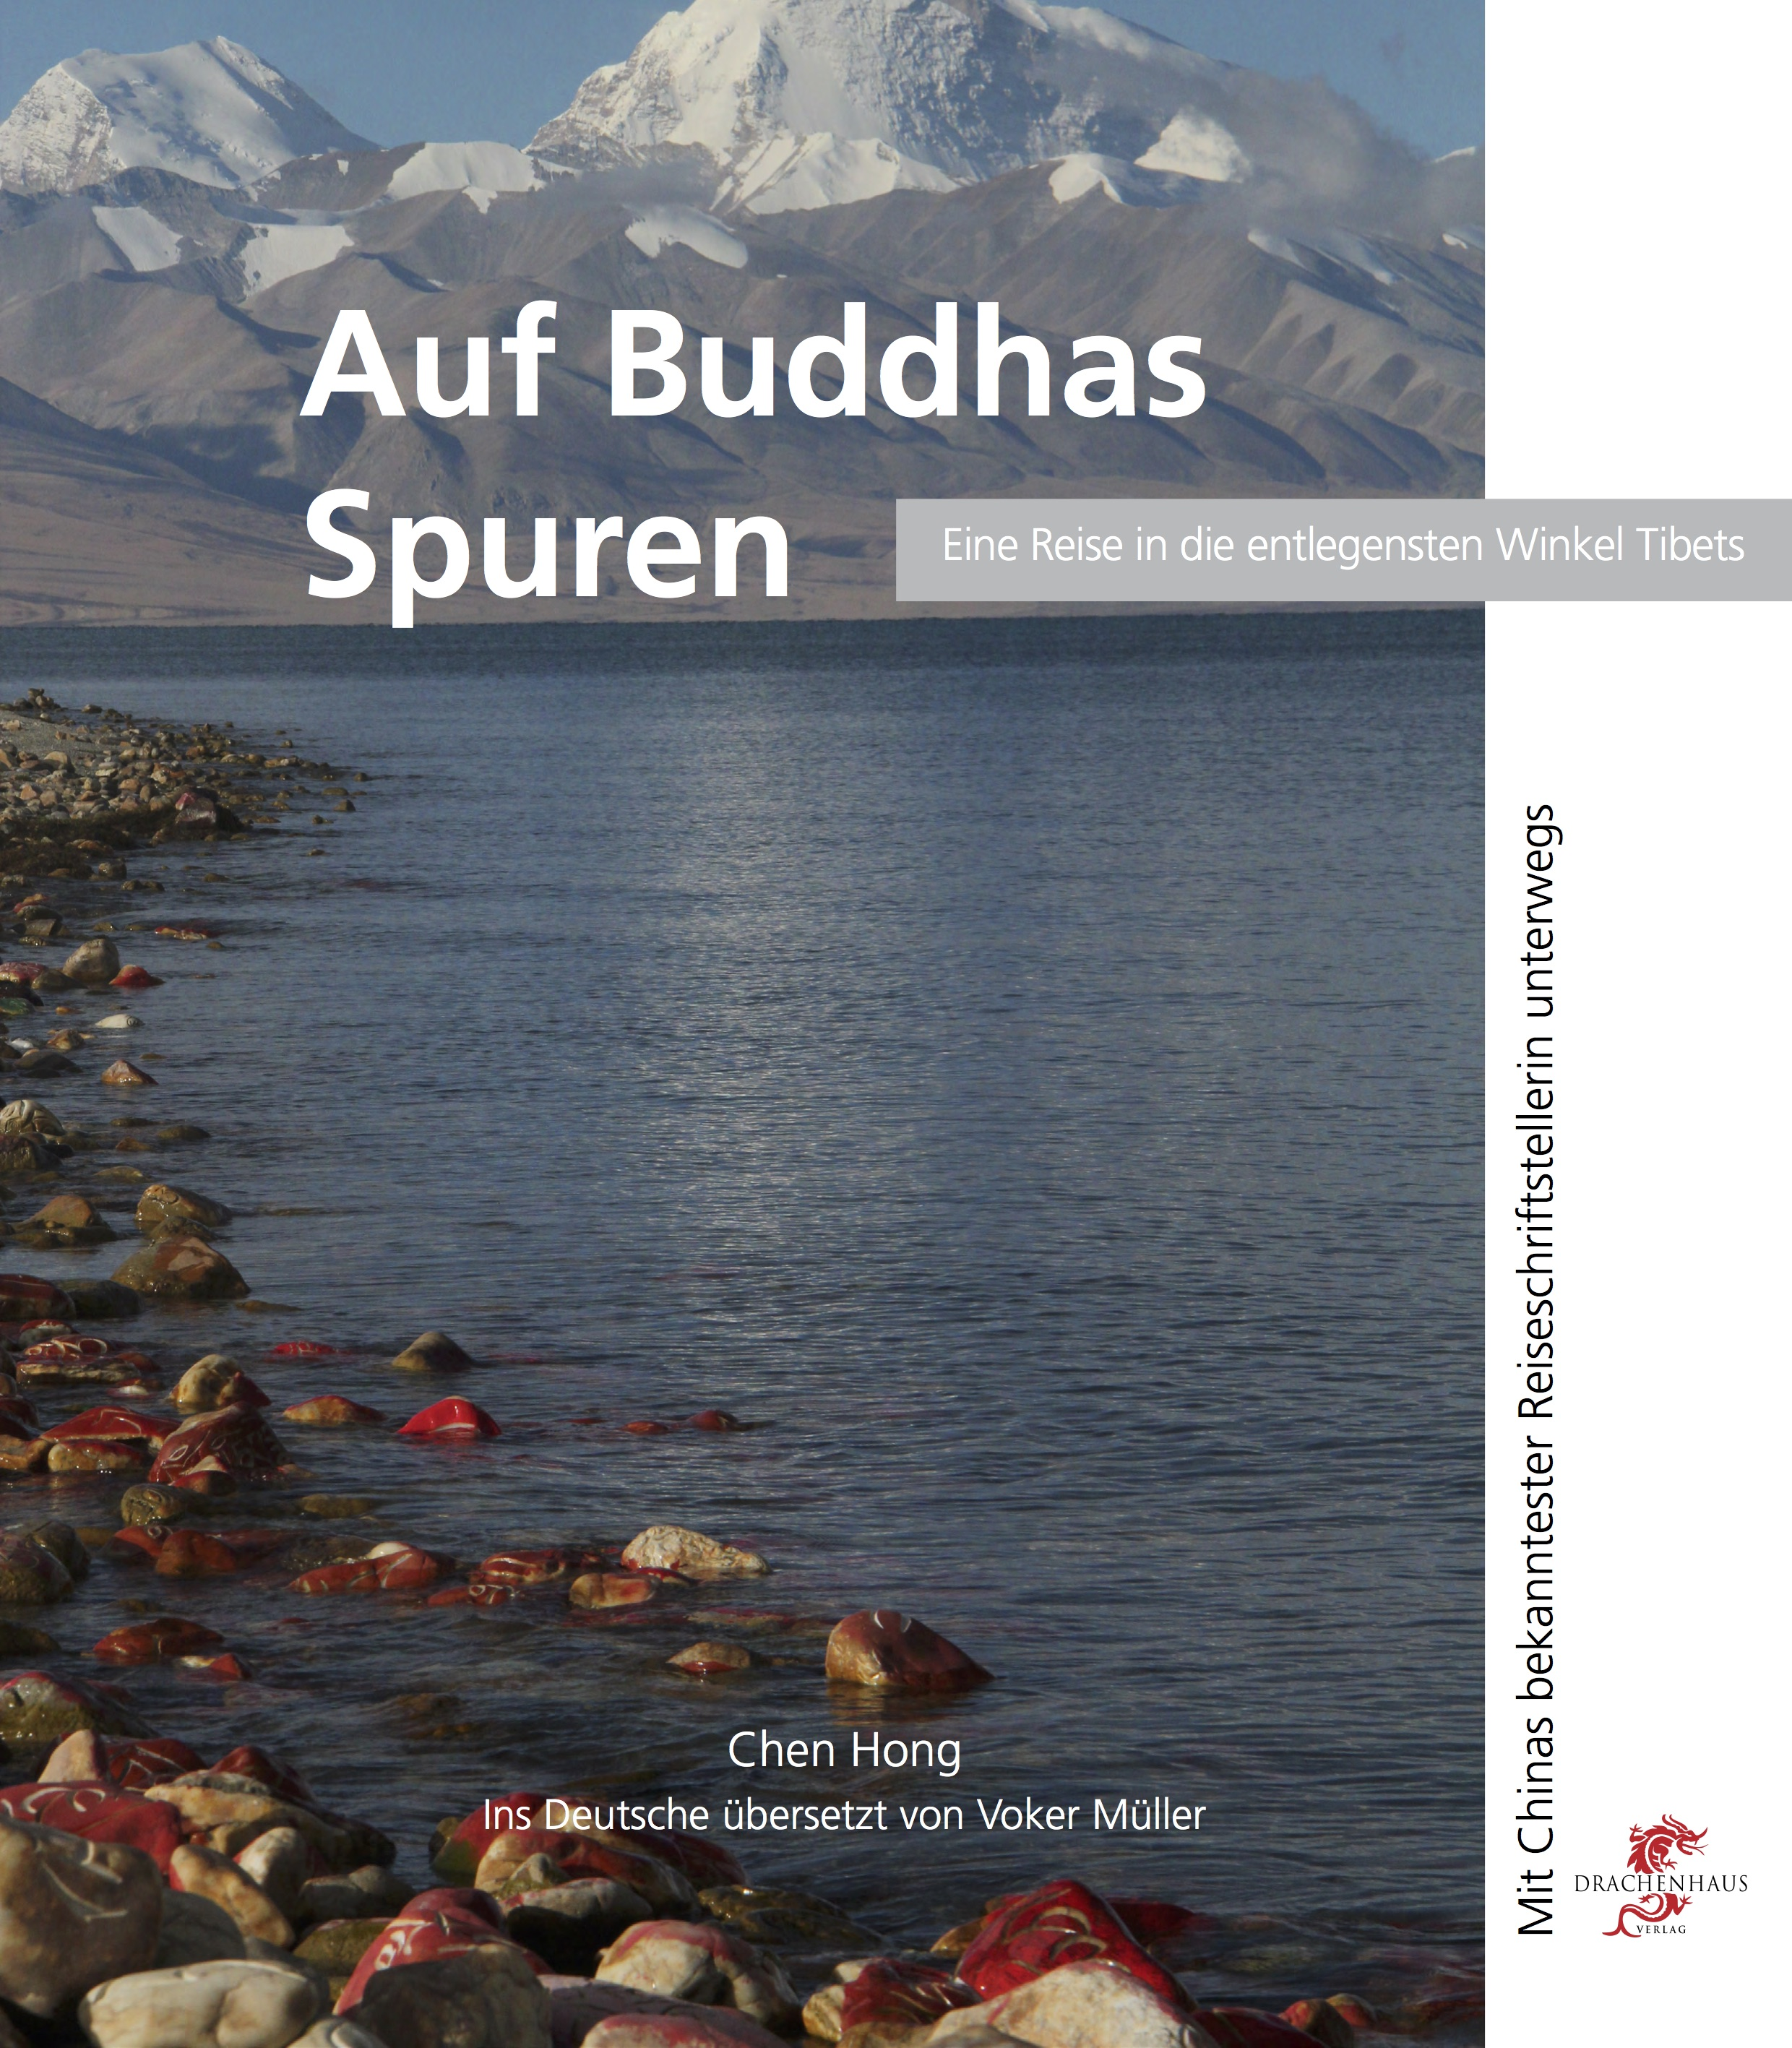 Eine Reise in die entlegensten Winkel Tibets